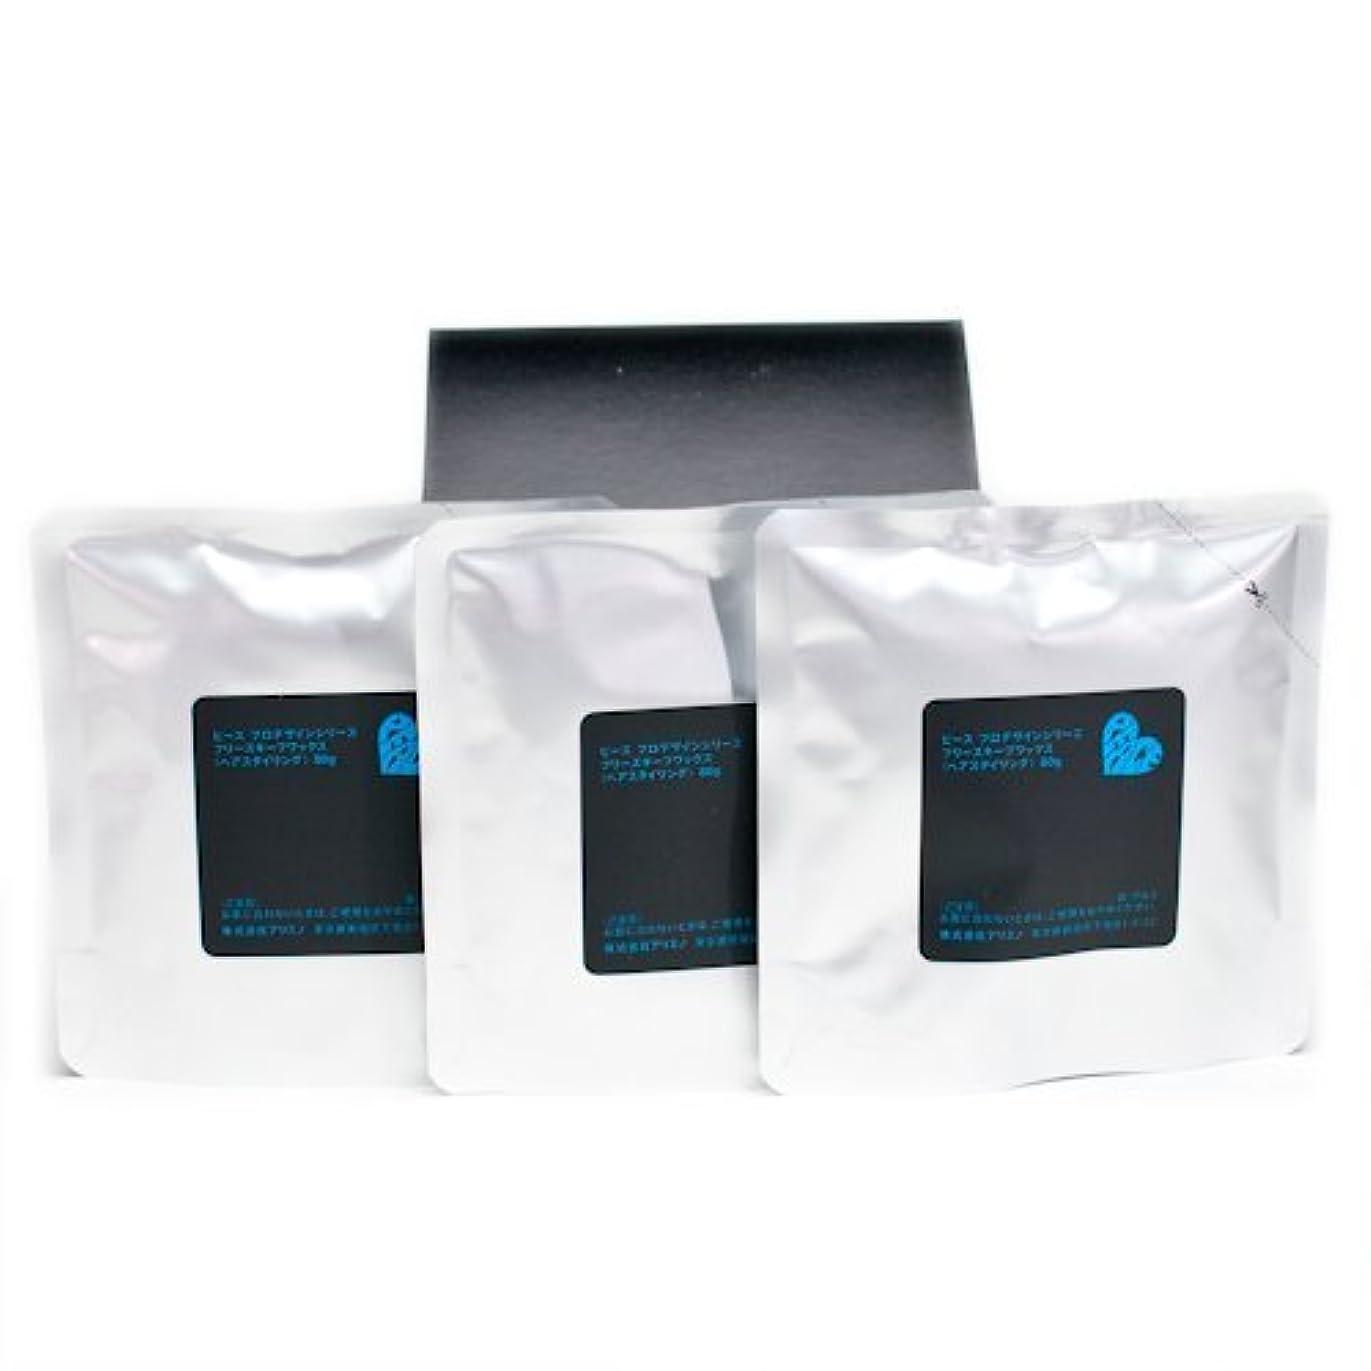 メロドラマティックアッティカス本アリミノ ピース フリーズキープワックス (ブラック)80g(業務?詰替用)×3個入り